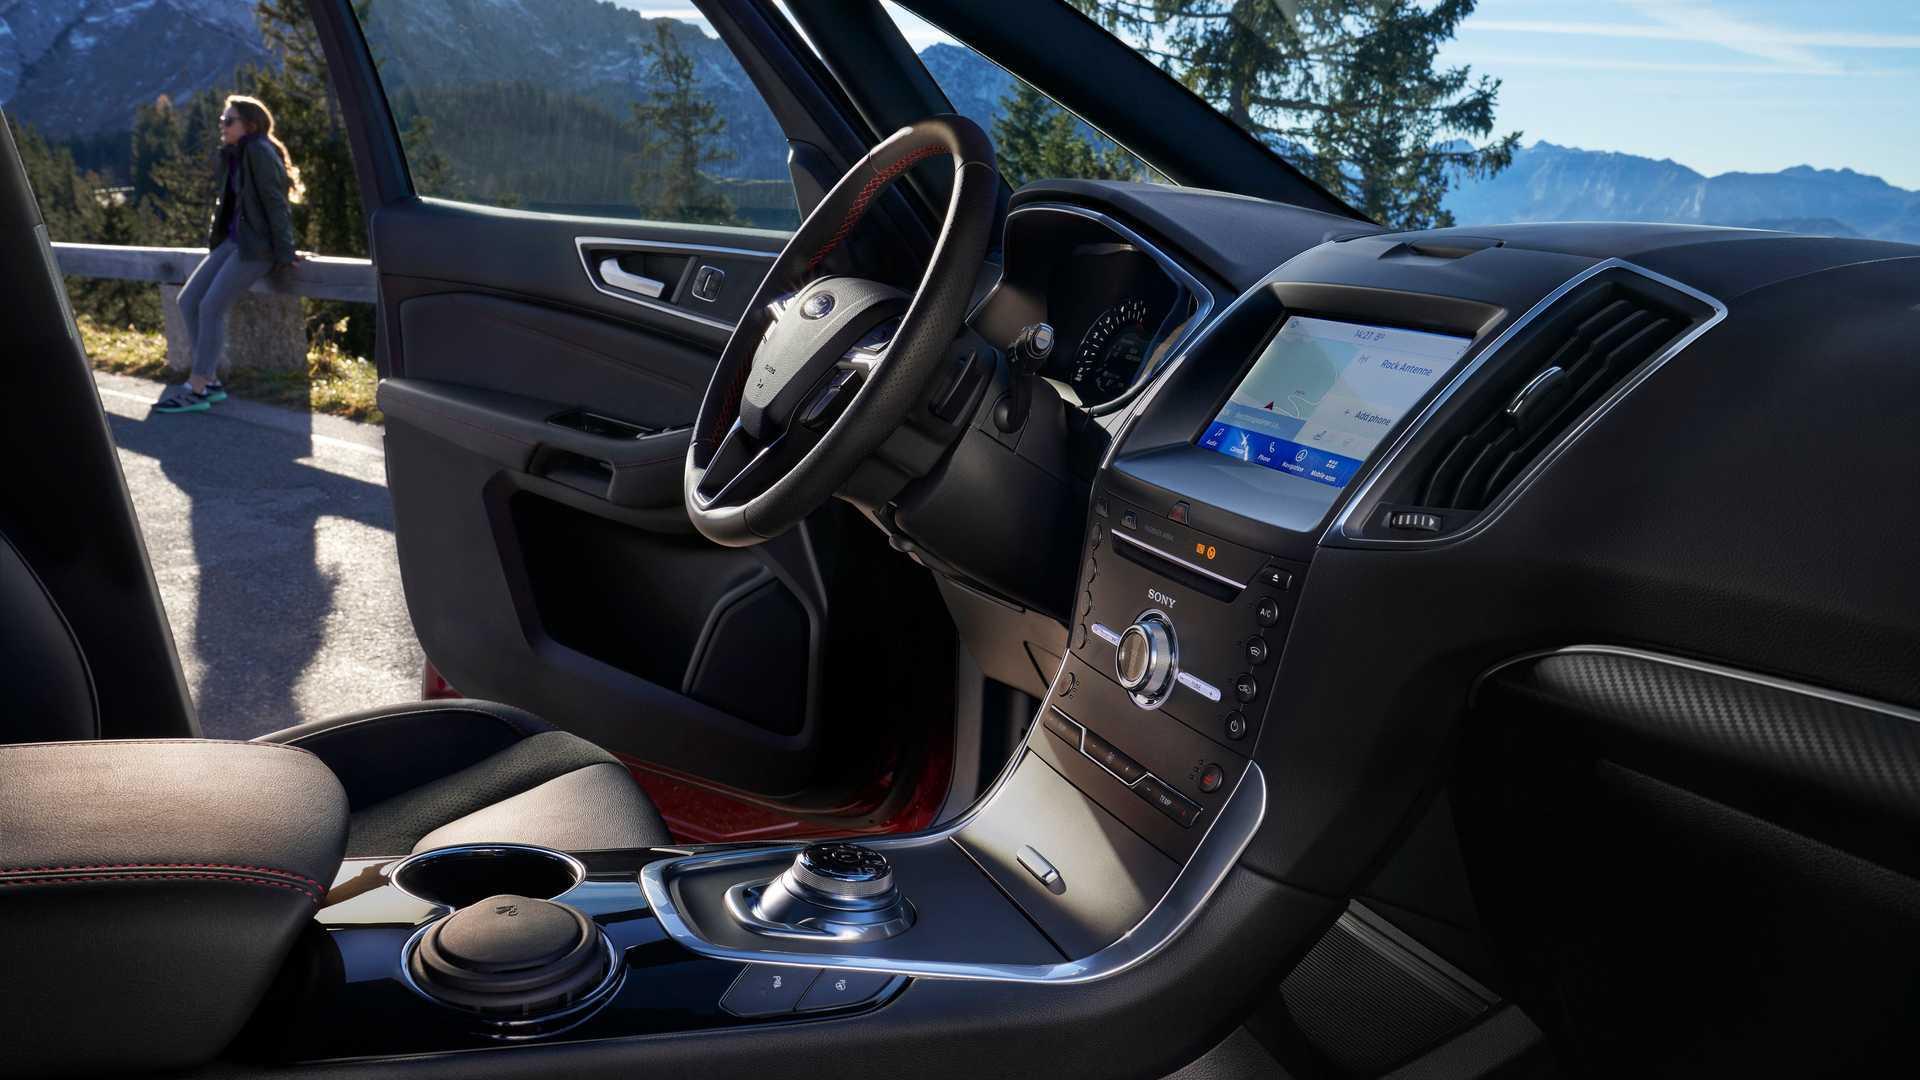 اولین حضور فورد هیبریدی S-Max به عنوان خودرویی با هفت صندلی برقی